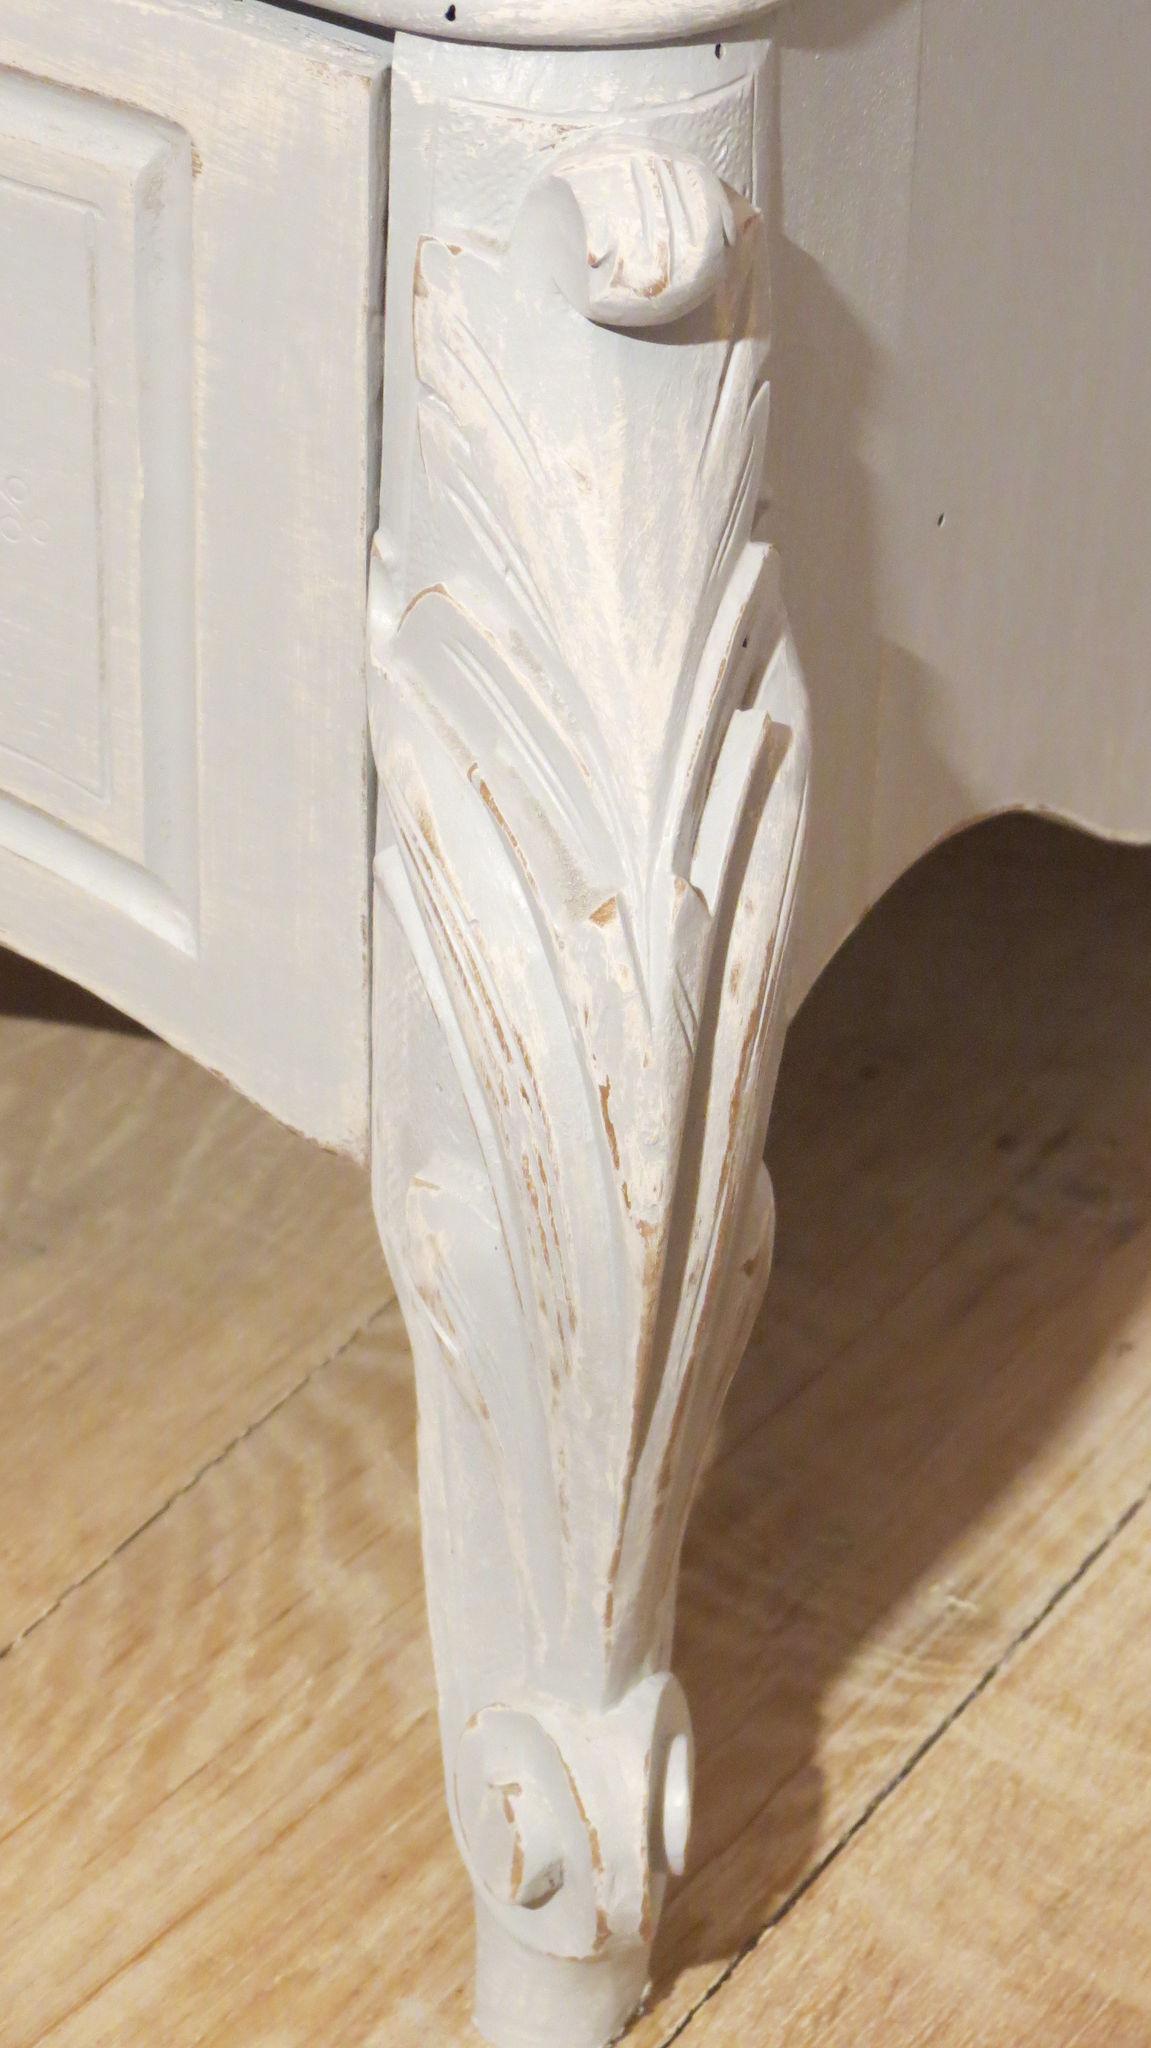 bonneti re grise et blanche les patines de sandrine. Black Bedroom Furniture Sets. Home Design Ideas